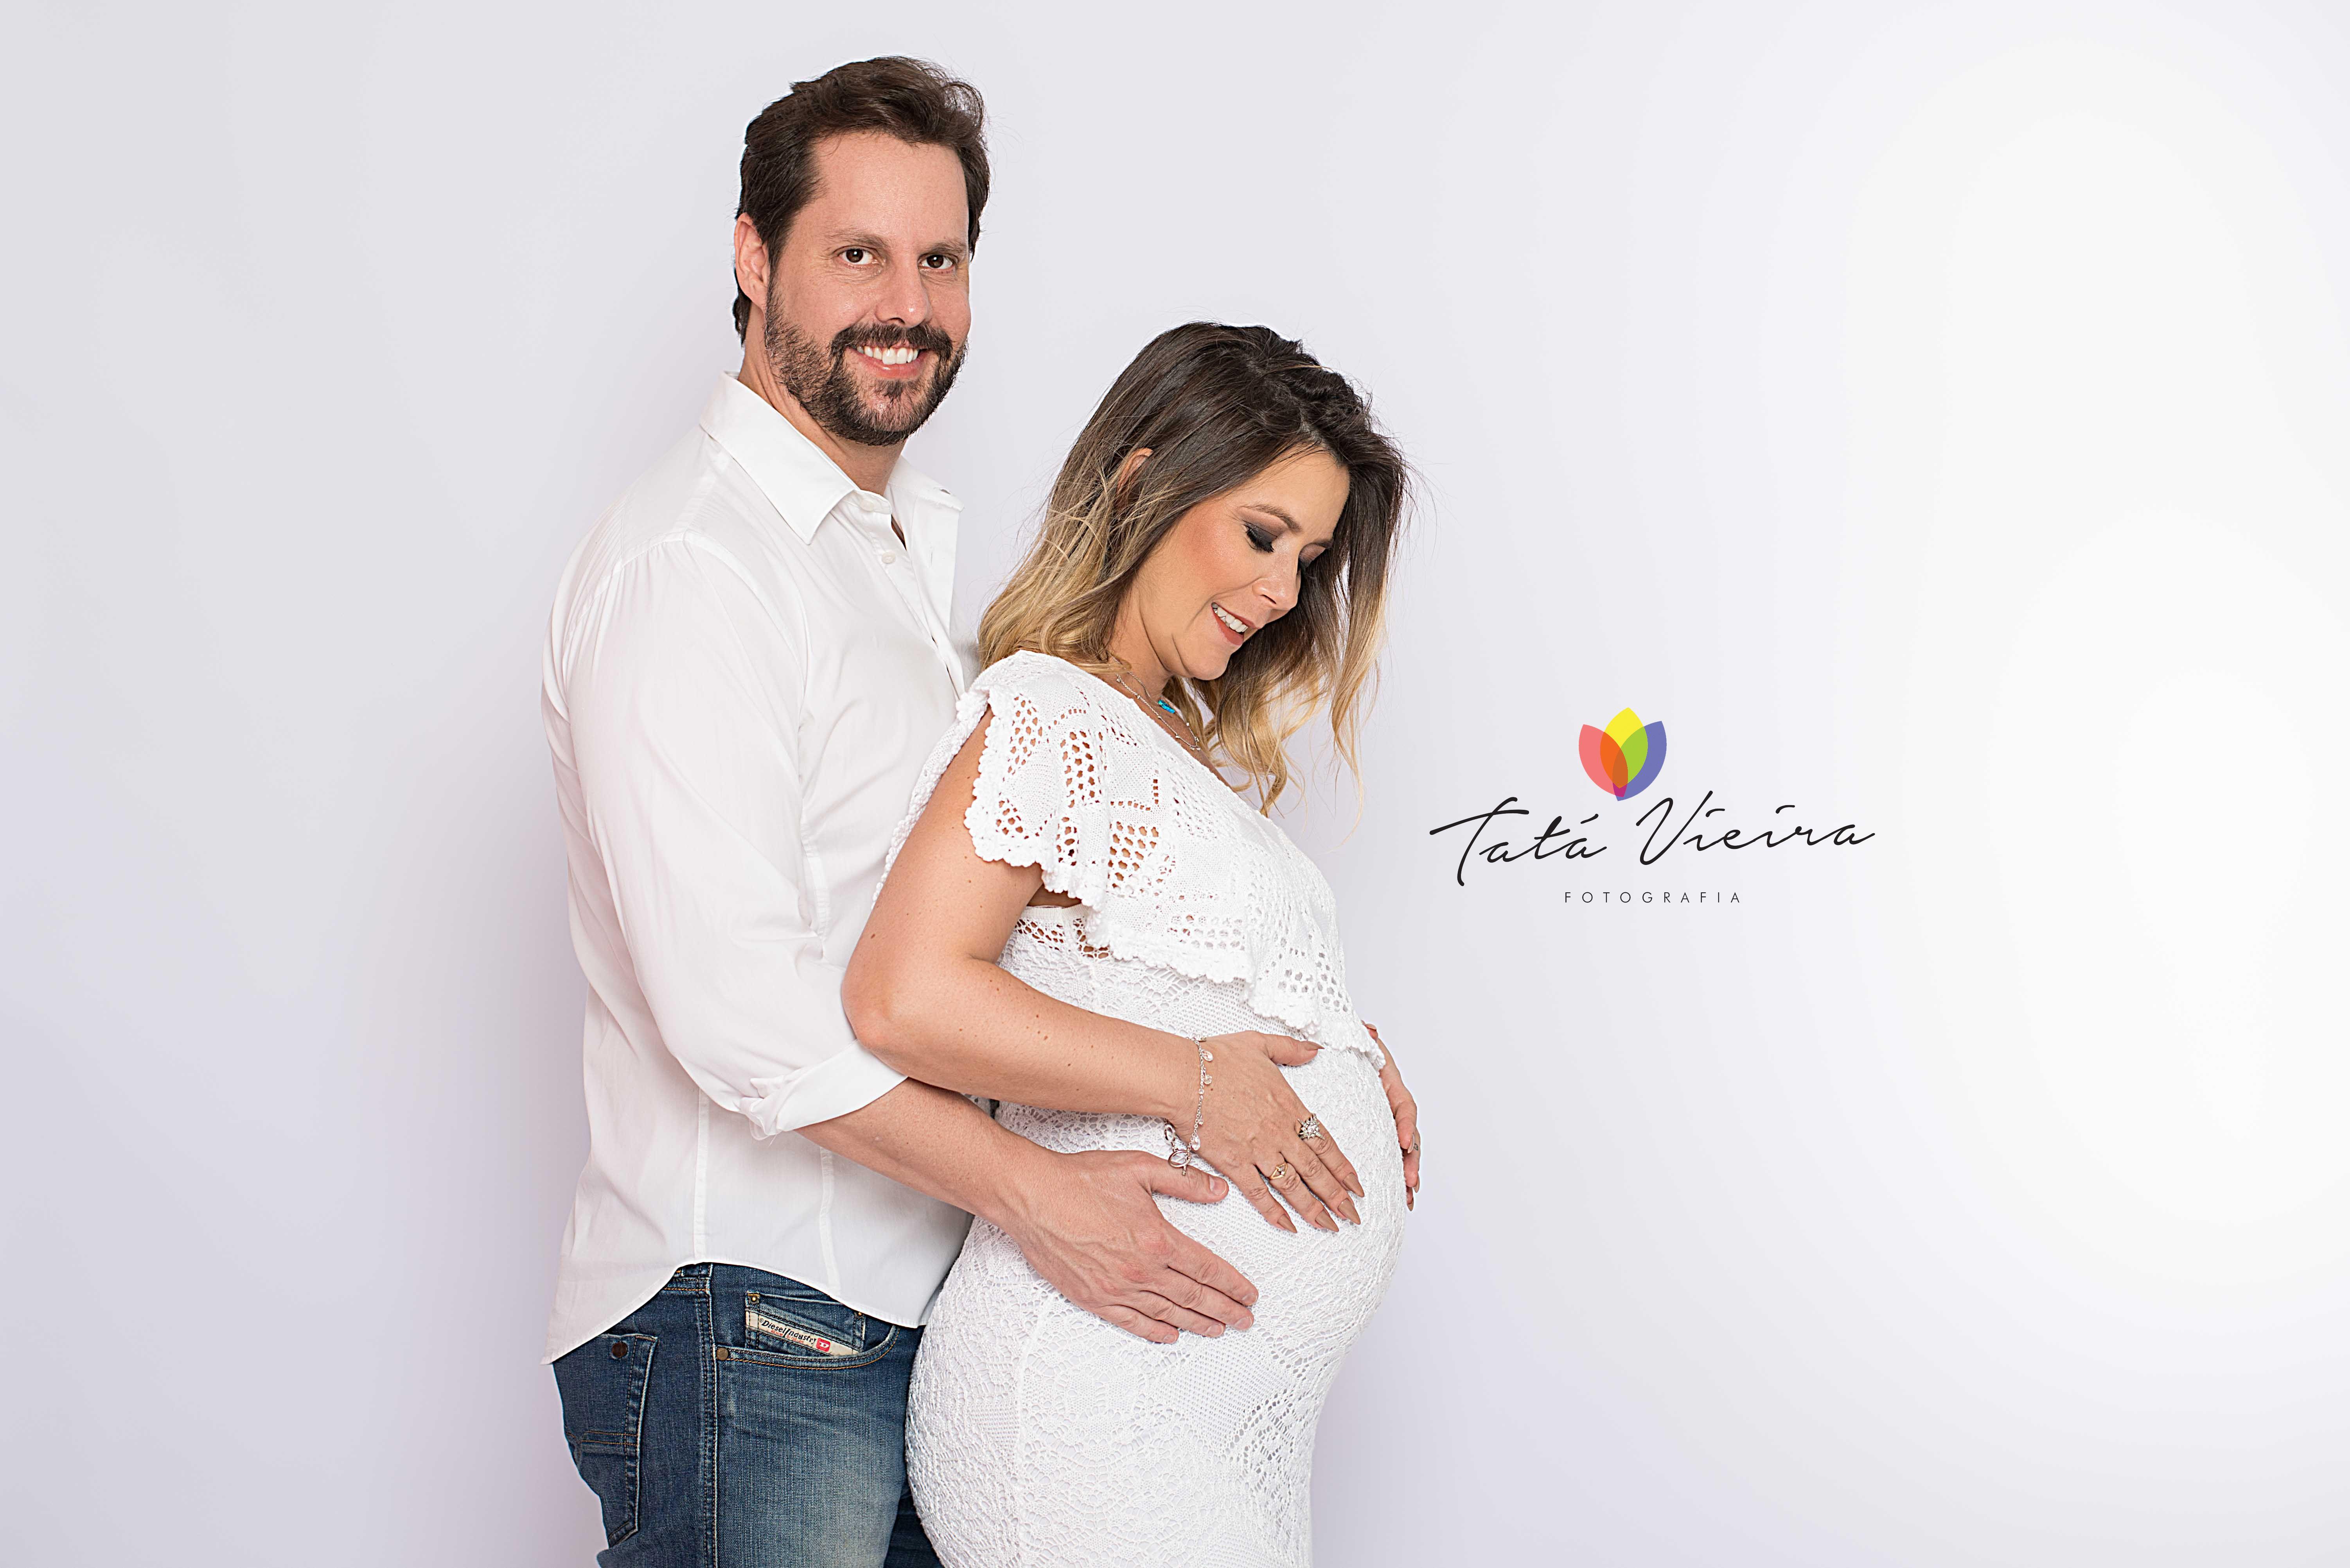 ensaio fotográfico gestante estúdio belo horizonte book gestanteensaio fotográfico gestante estúdio belo horizonte book gestante casal grávida